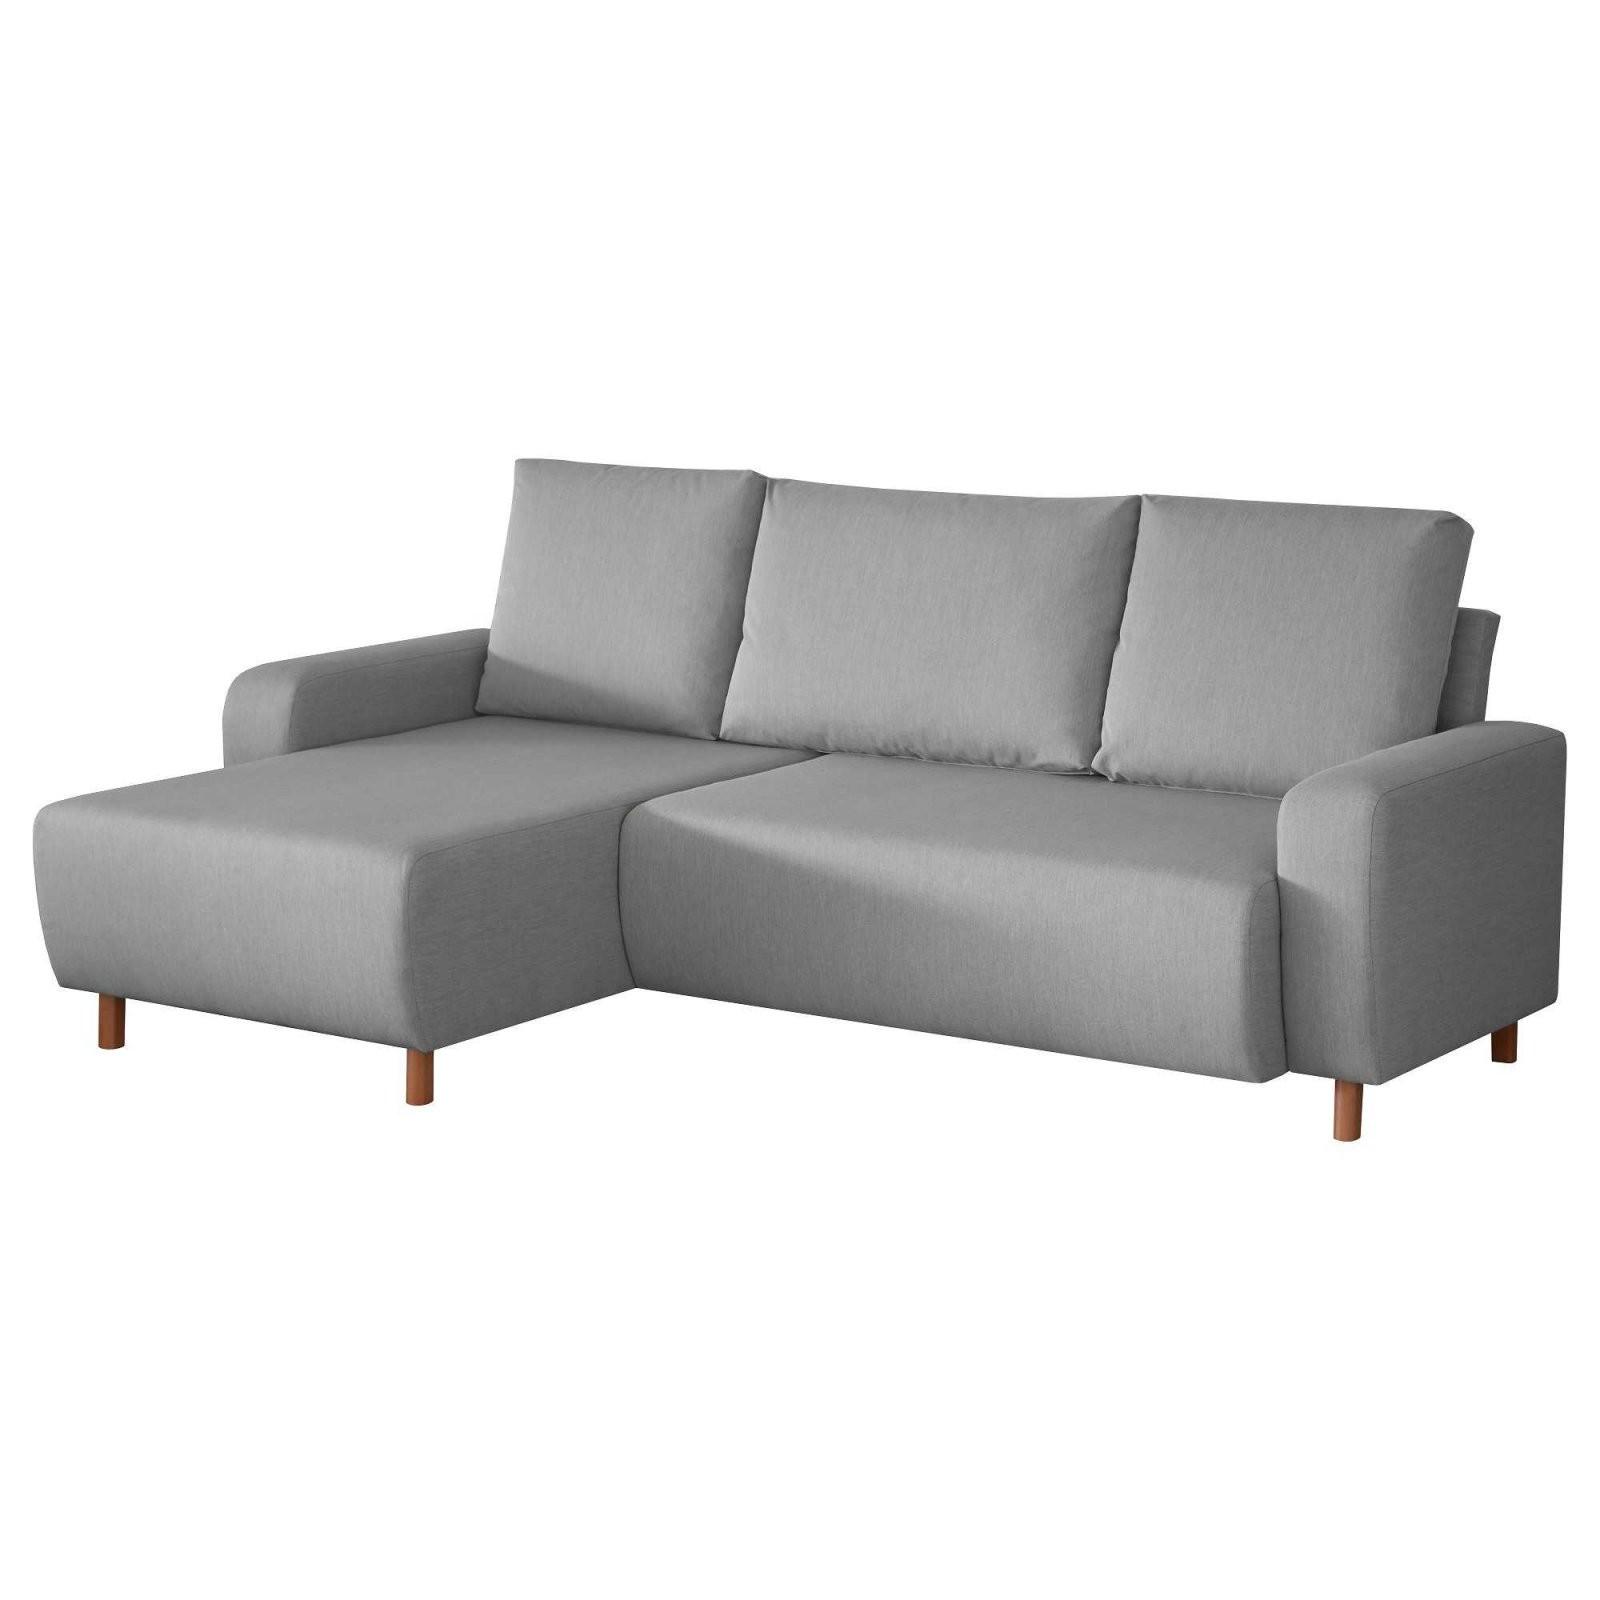 Buatiful 26 Von Sessel Für Kleine Räume  Hauptideen von Kleine Couch Für Jugendzimmer Bild